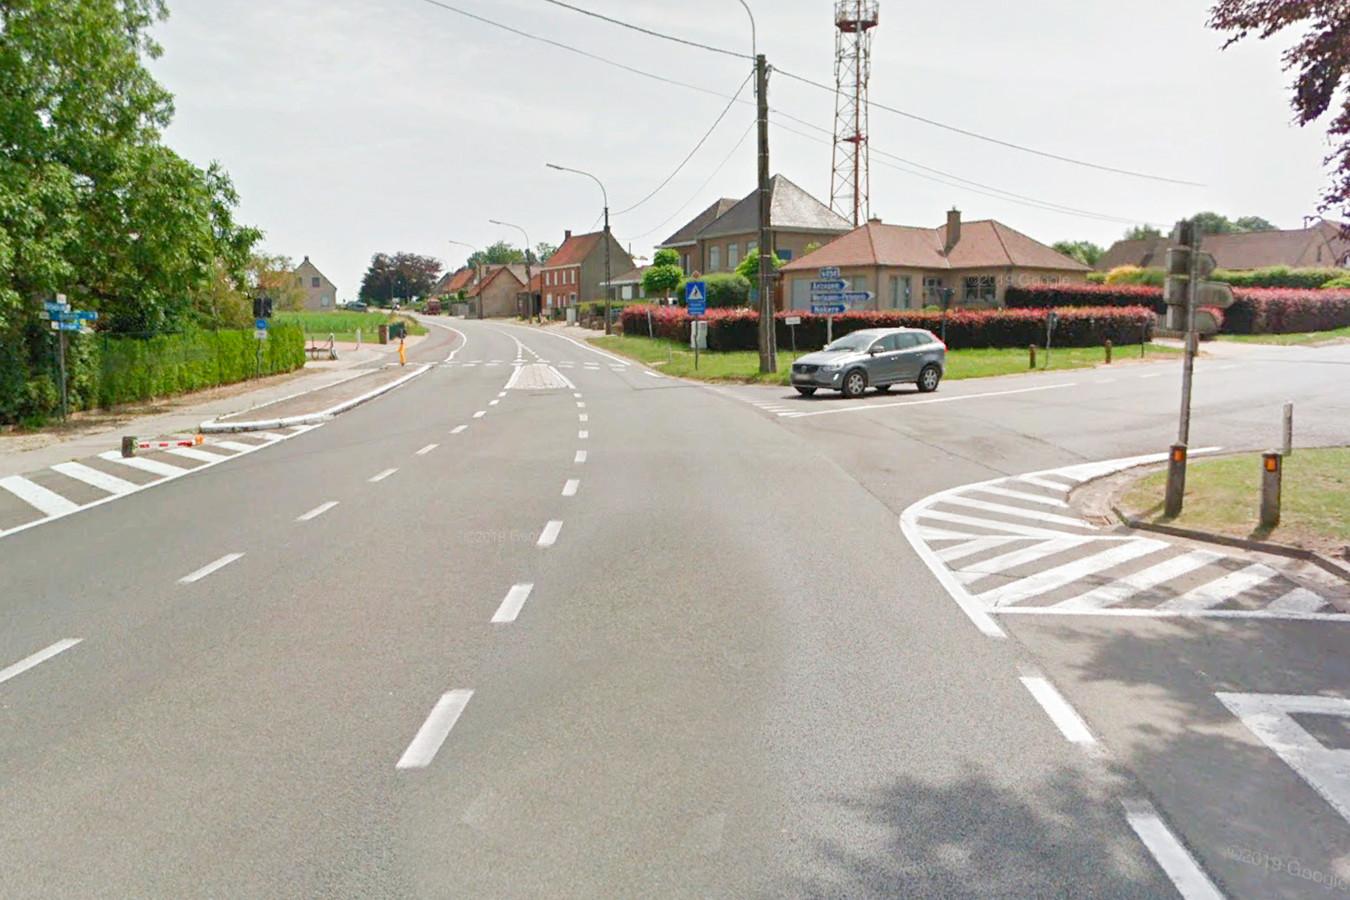 De rotonde komt op het kruispunt van de Hoogstraat, Oudenaardsesteenweg en Anzegemsesteenweg.